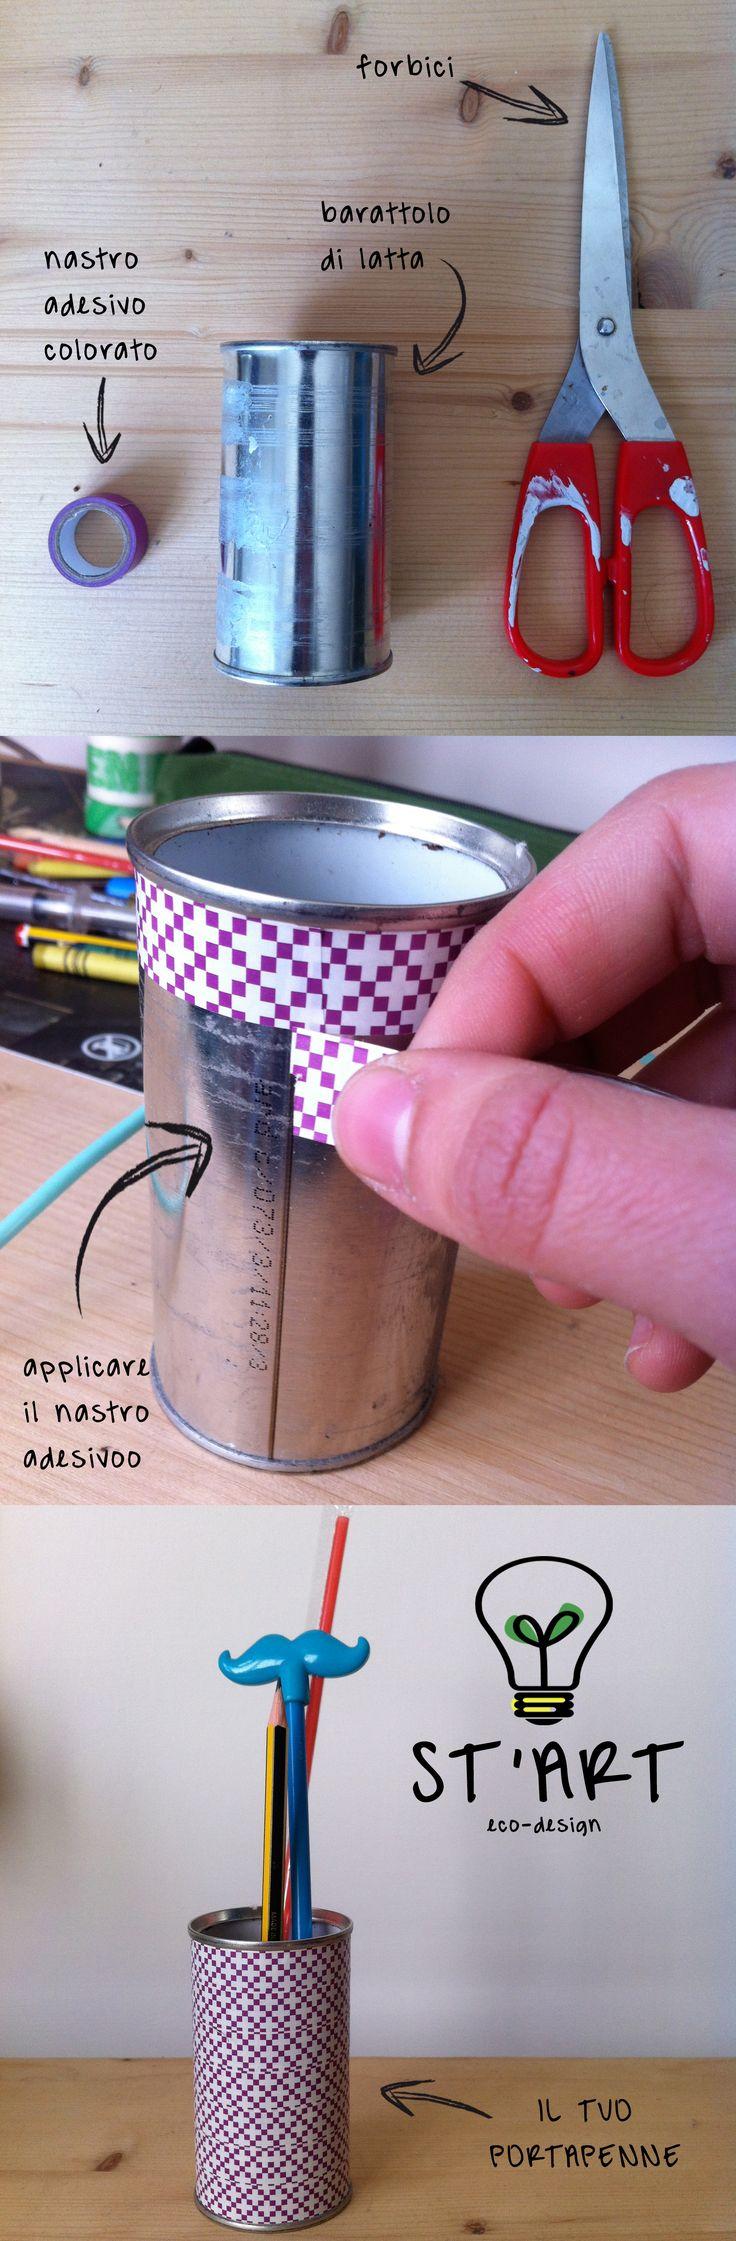 DIY Tutorial per realizzare il proprio portapenne personalizzato riciclando barattoli di latta  by st'art eco-design